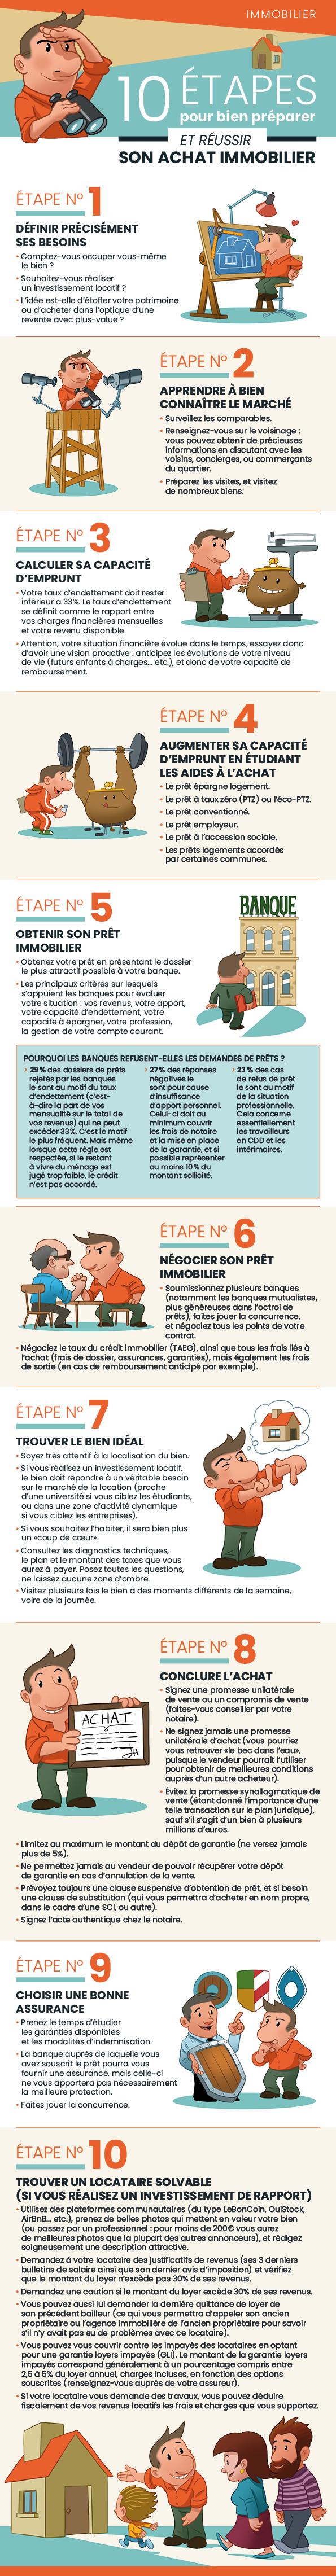 10 étapes pour réussir son achat immobilier